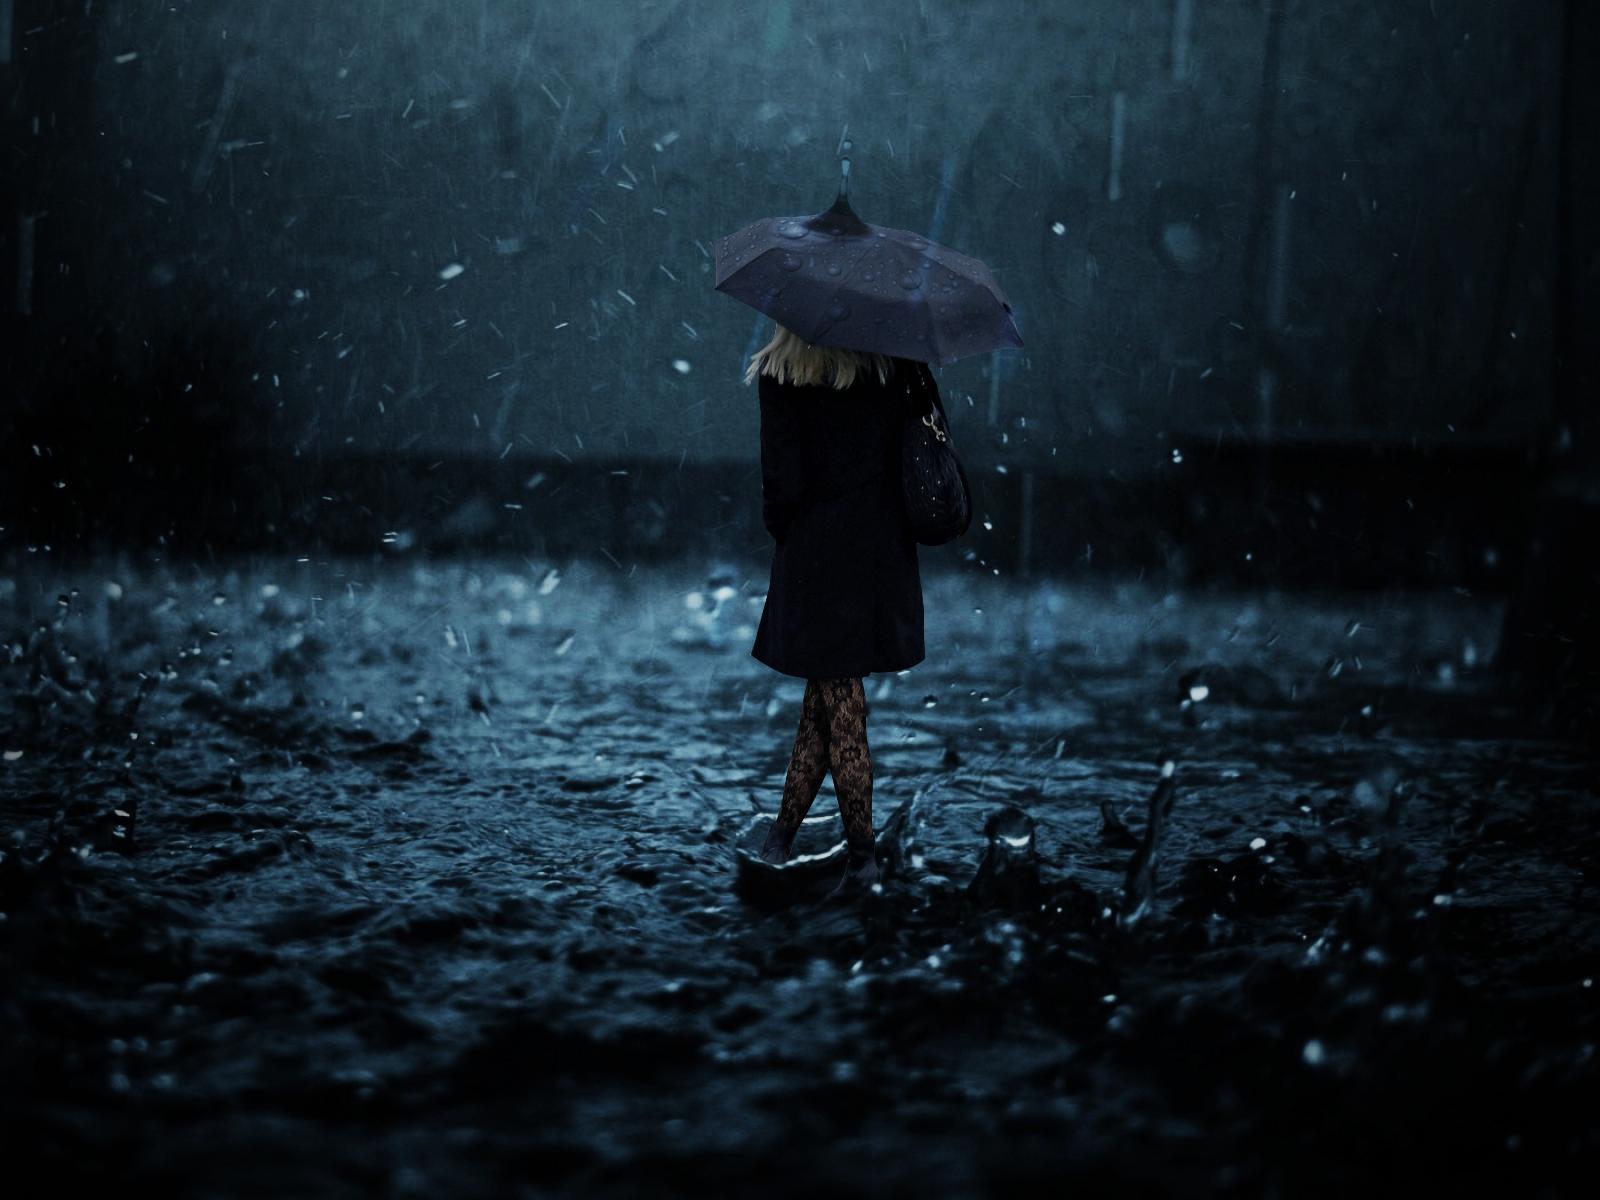 сколько грустные фотки дождь деятельность